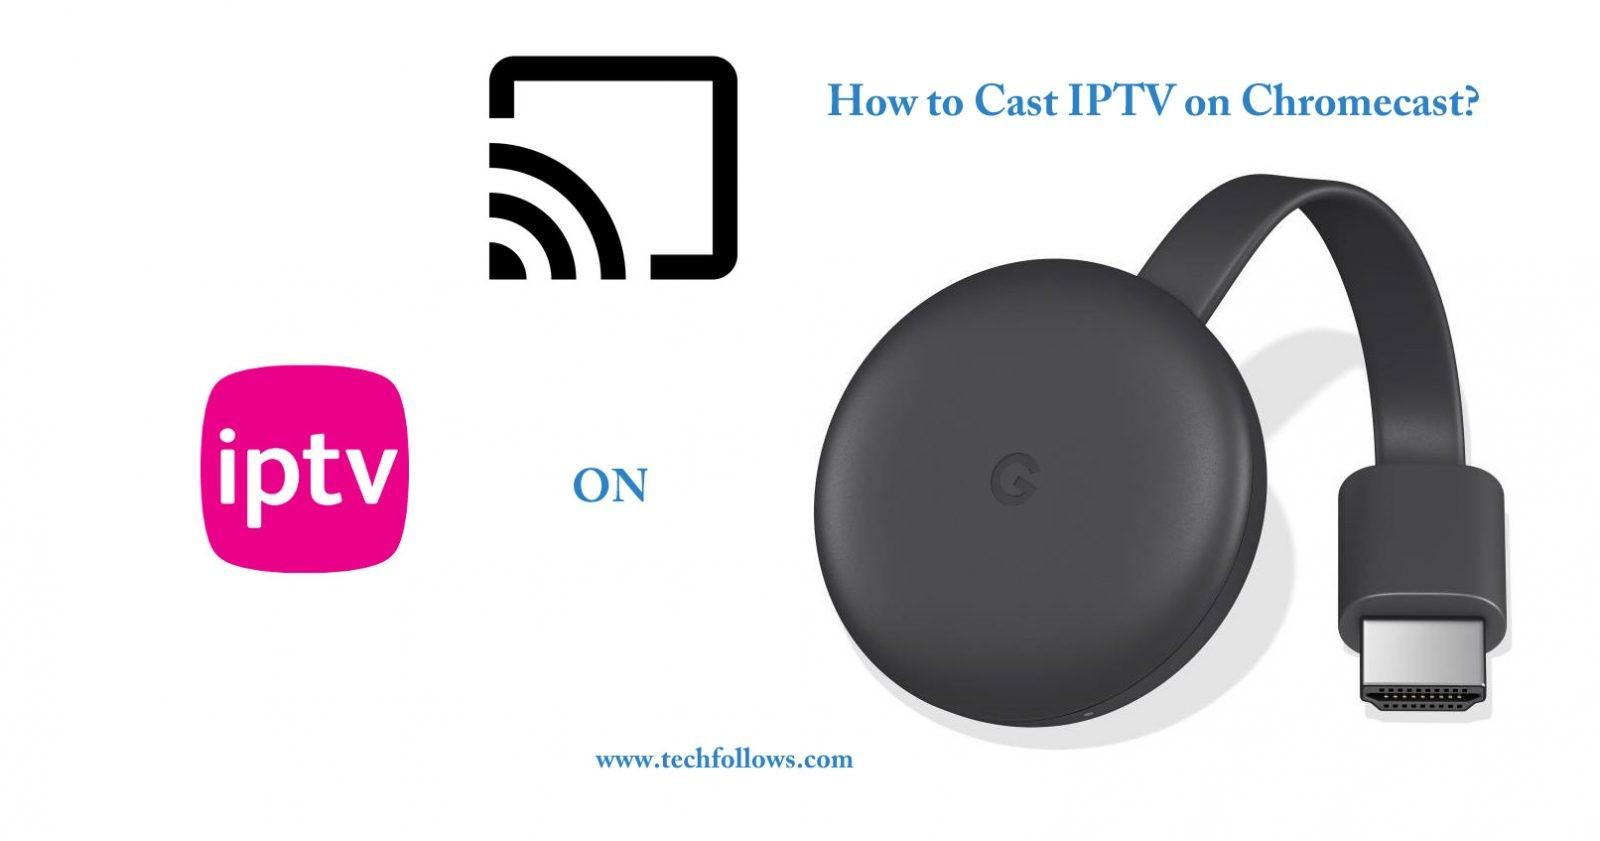 How to cast IPTV on Chromecast? [2019] - Tech Follows